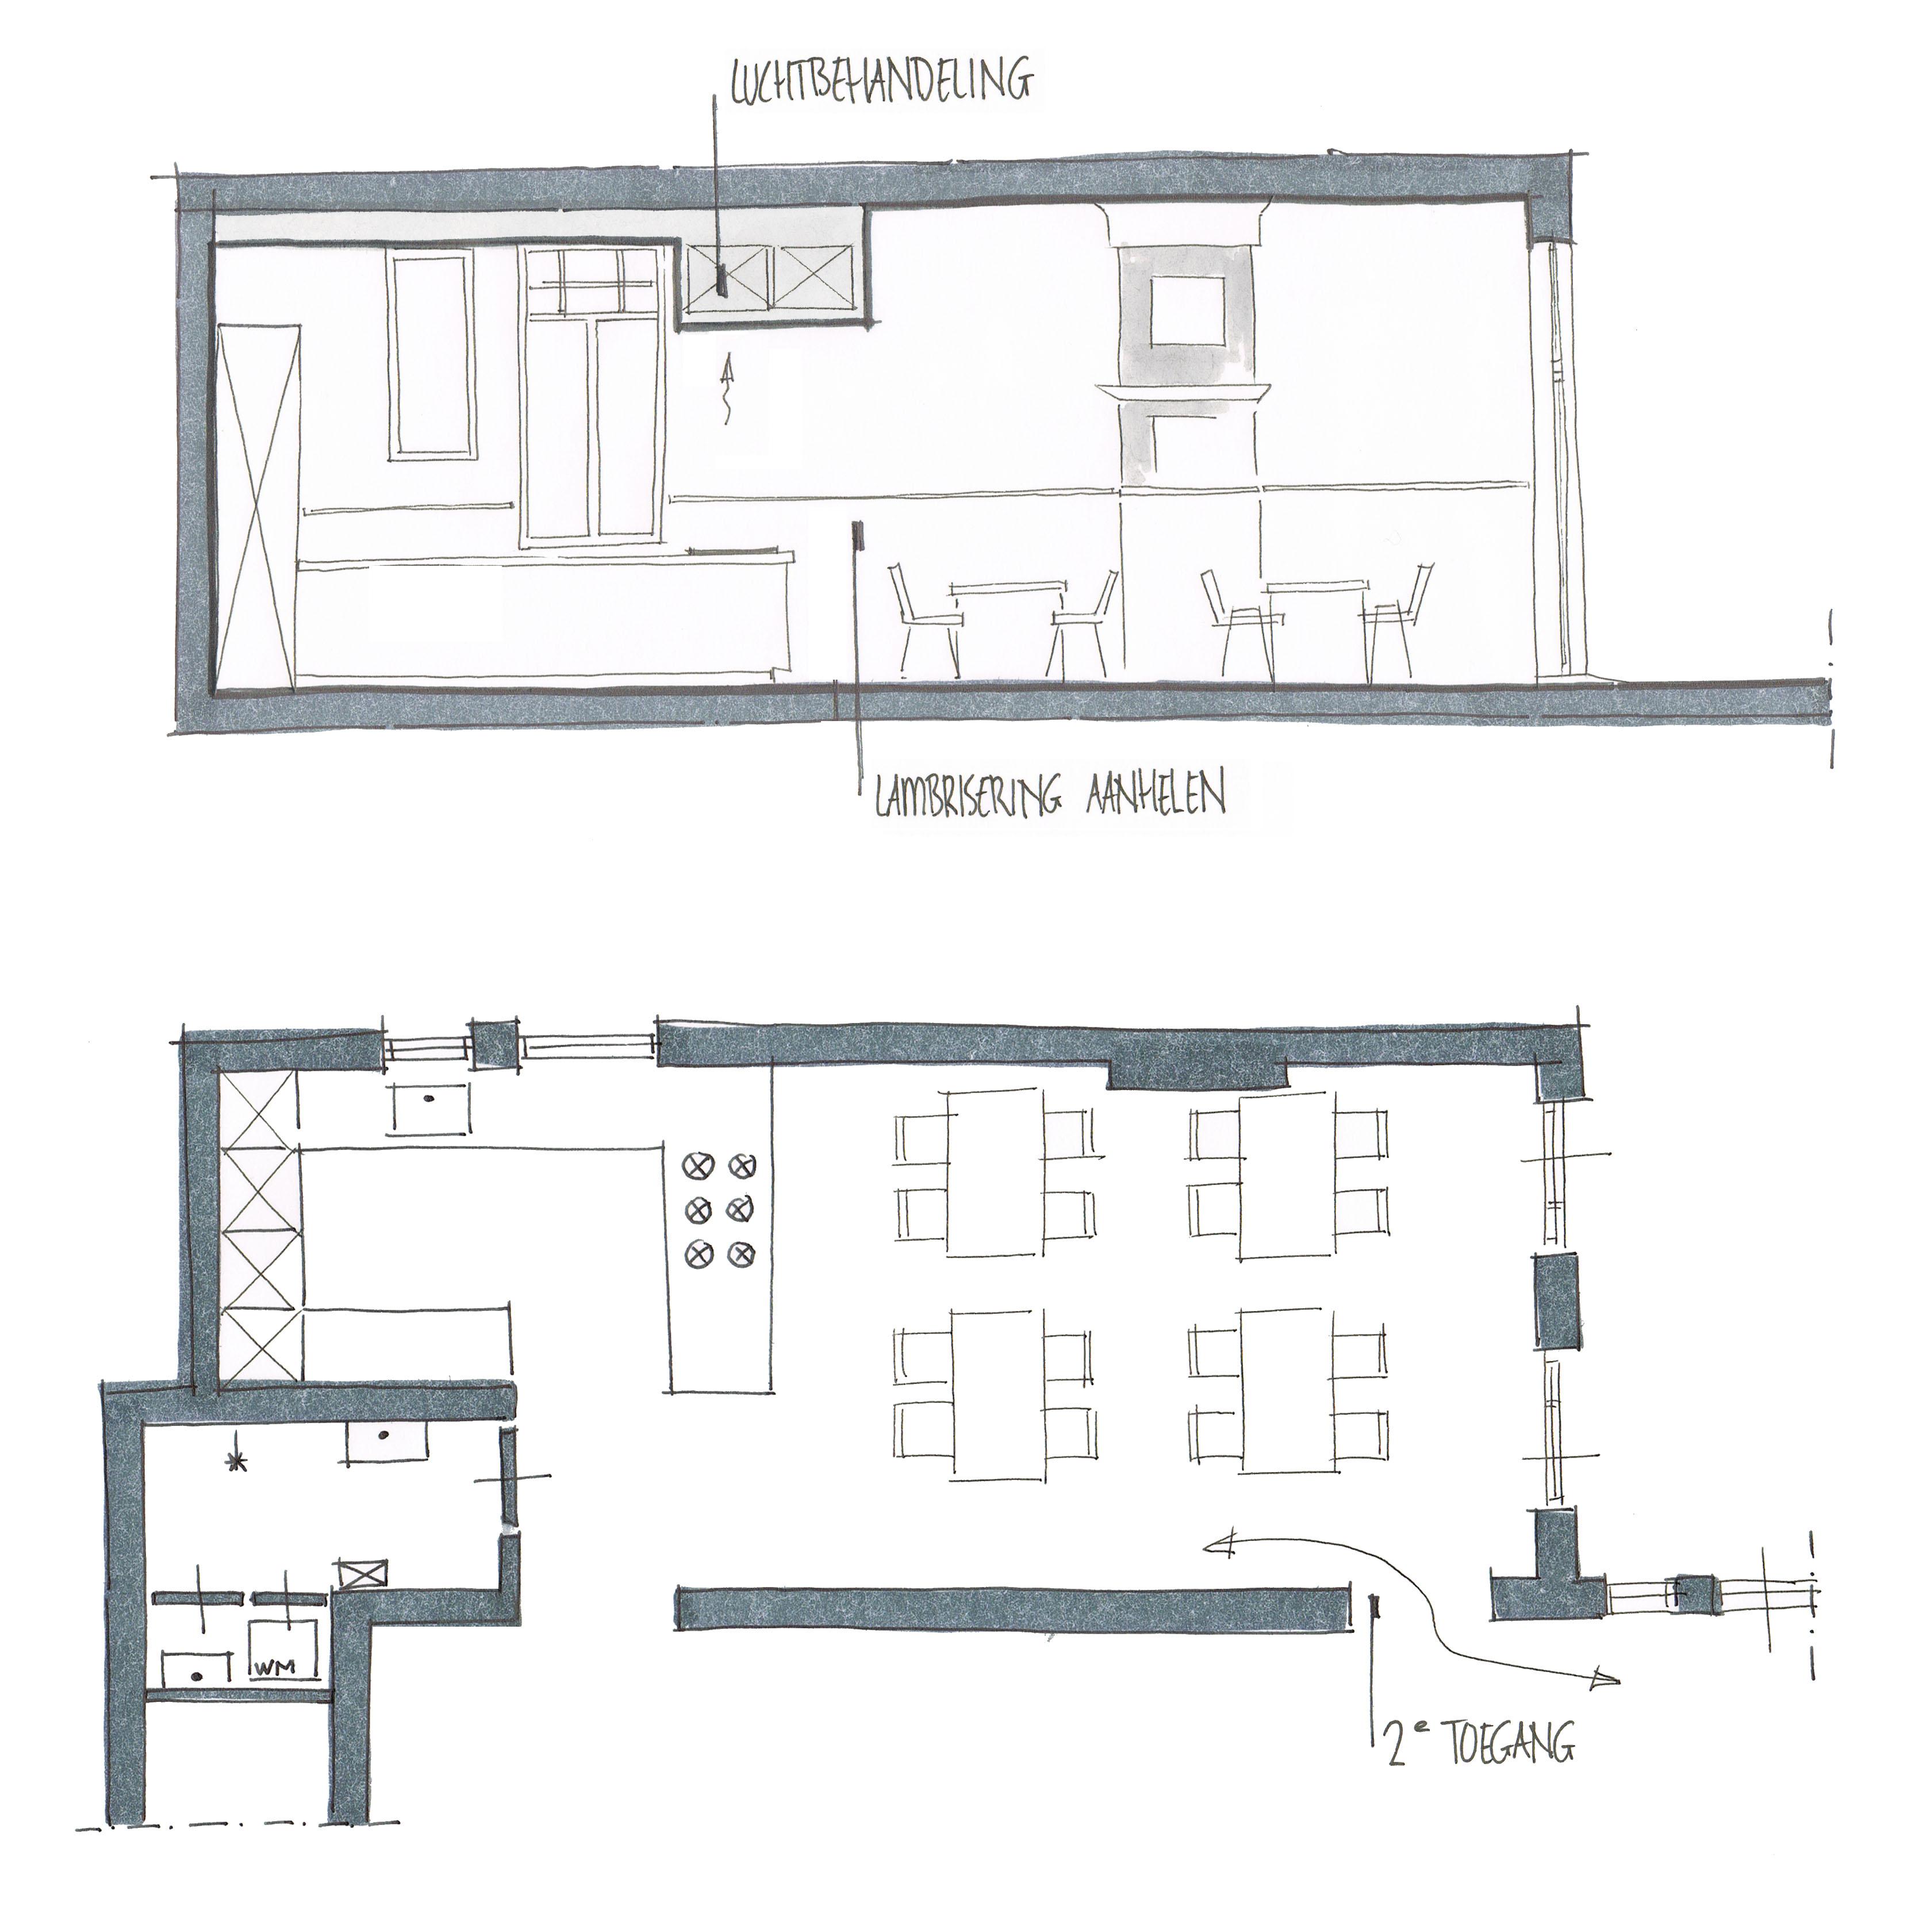 studio_stoel_architect_kampen_interieur_zorg_wwonvorm_la_touche (1)